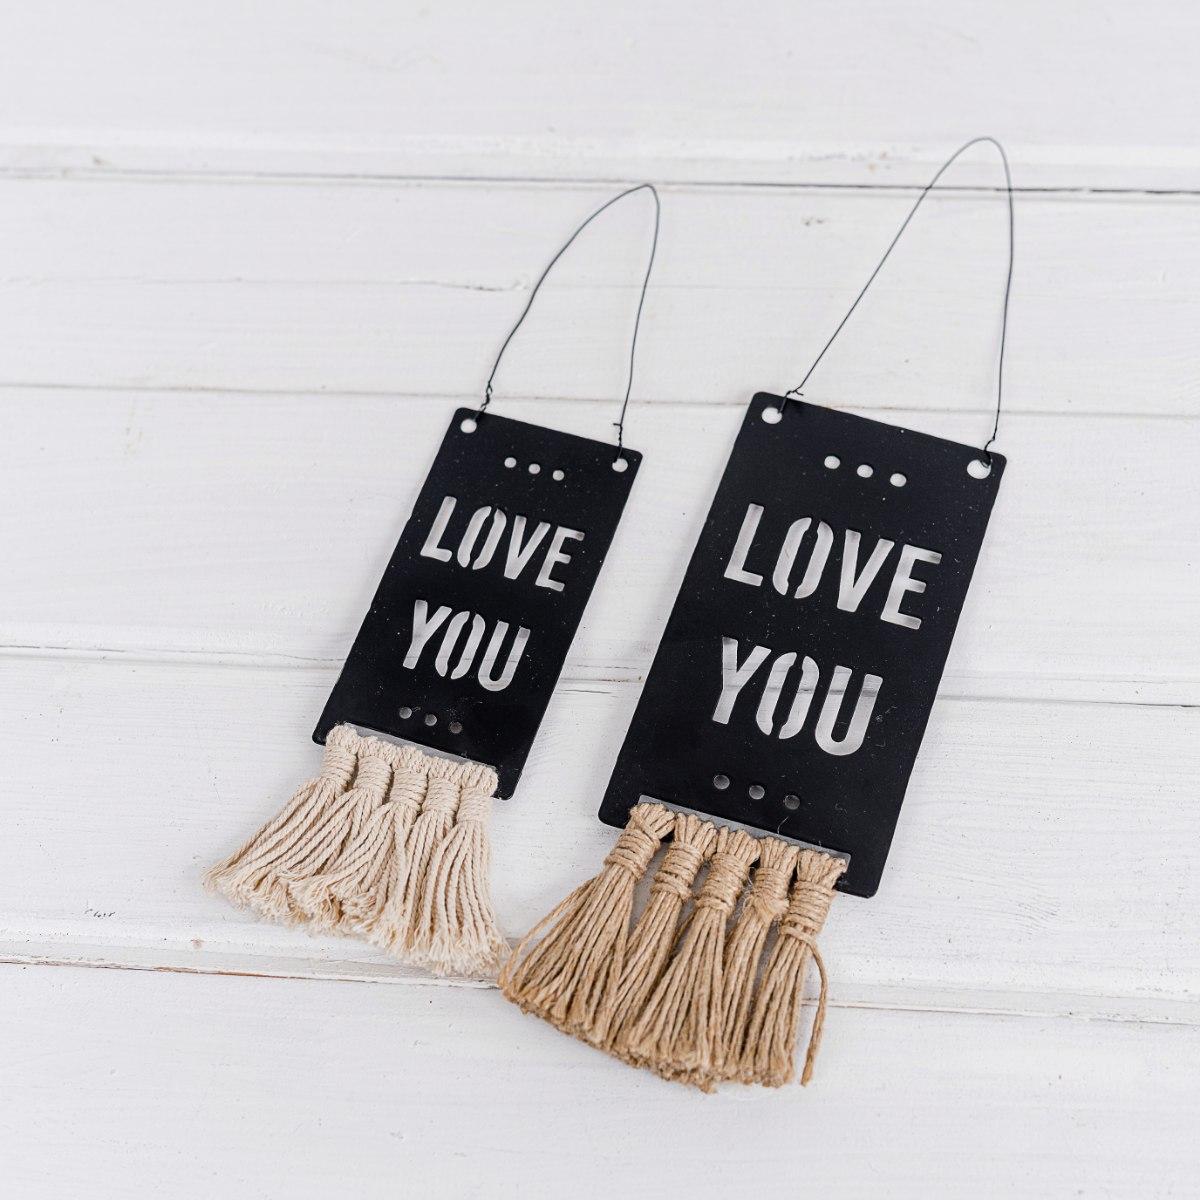 זוג שלטי מתכת עם פרנזים - LOVE YOU